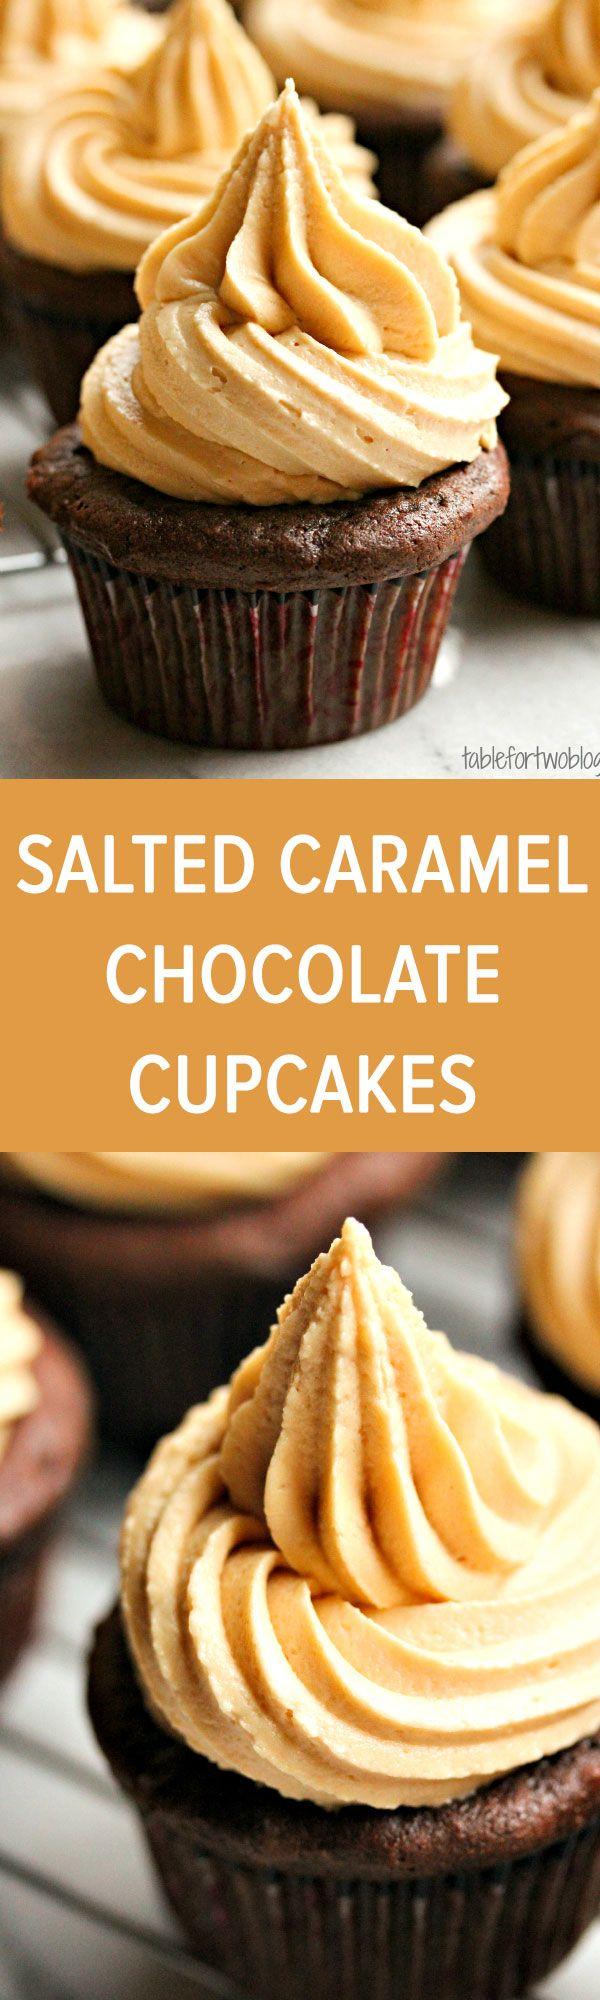 솔티드 카라멜 초콜릿 컵케익